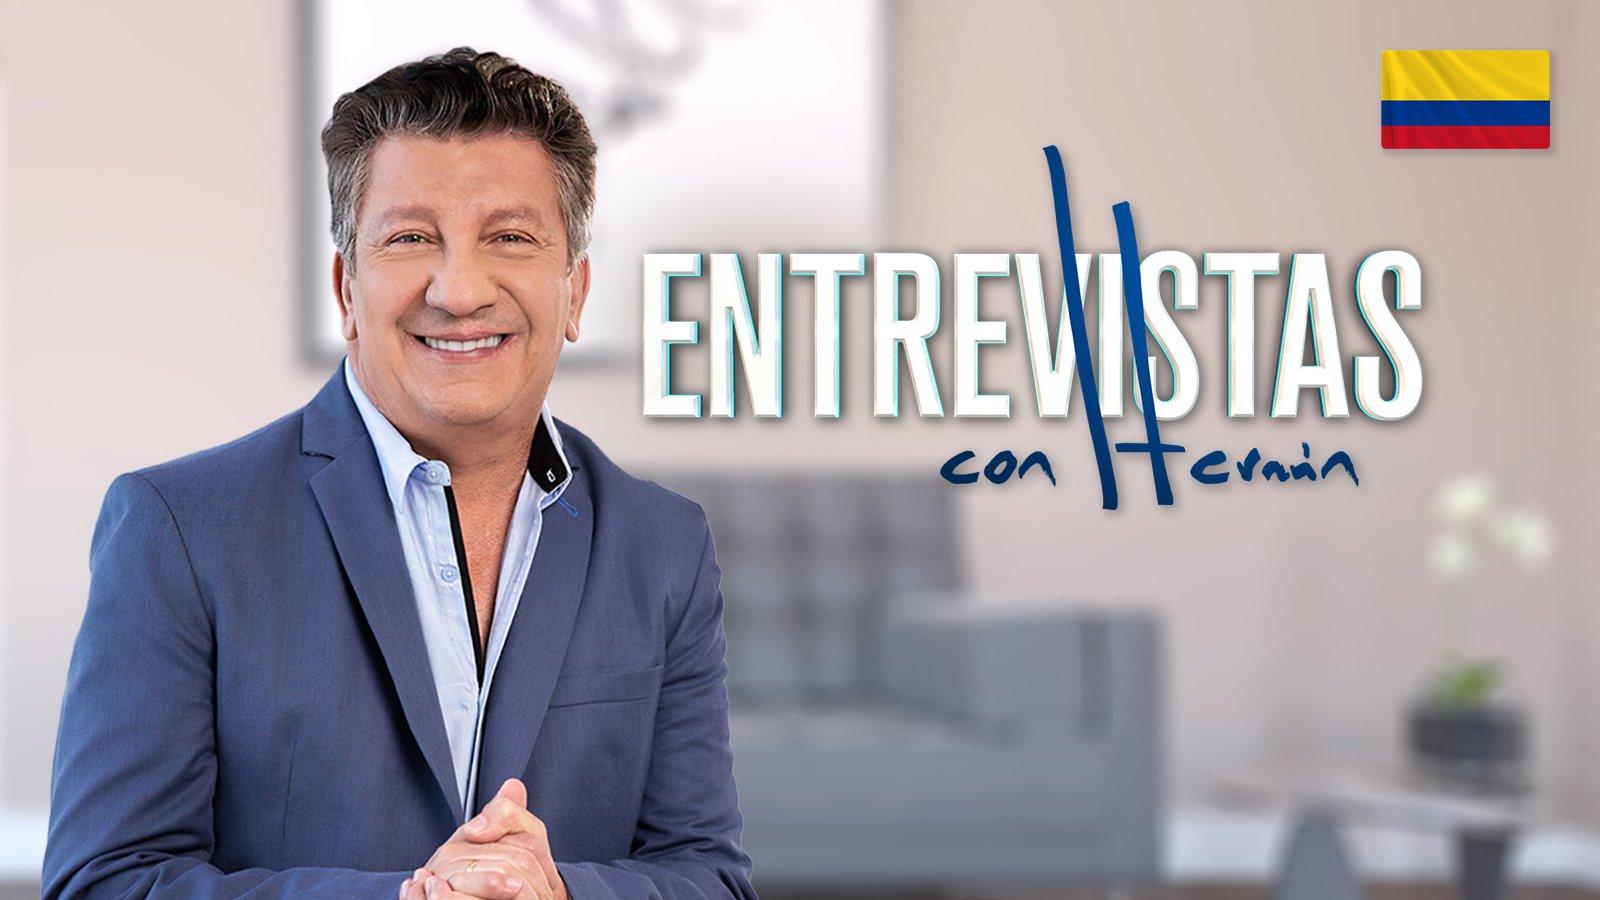 Entrevistas con Hernan poster